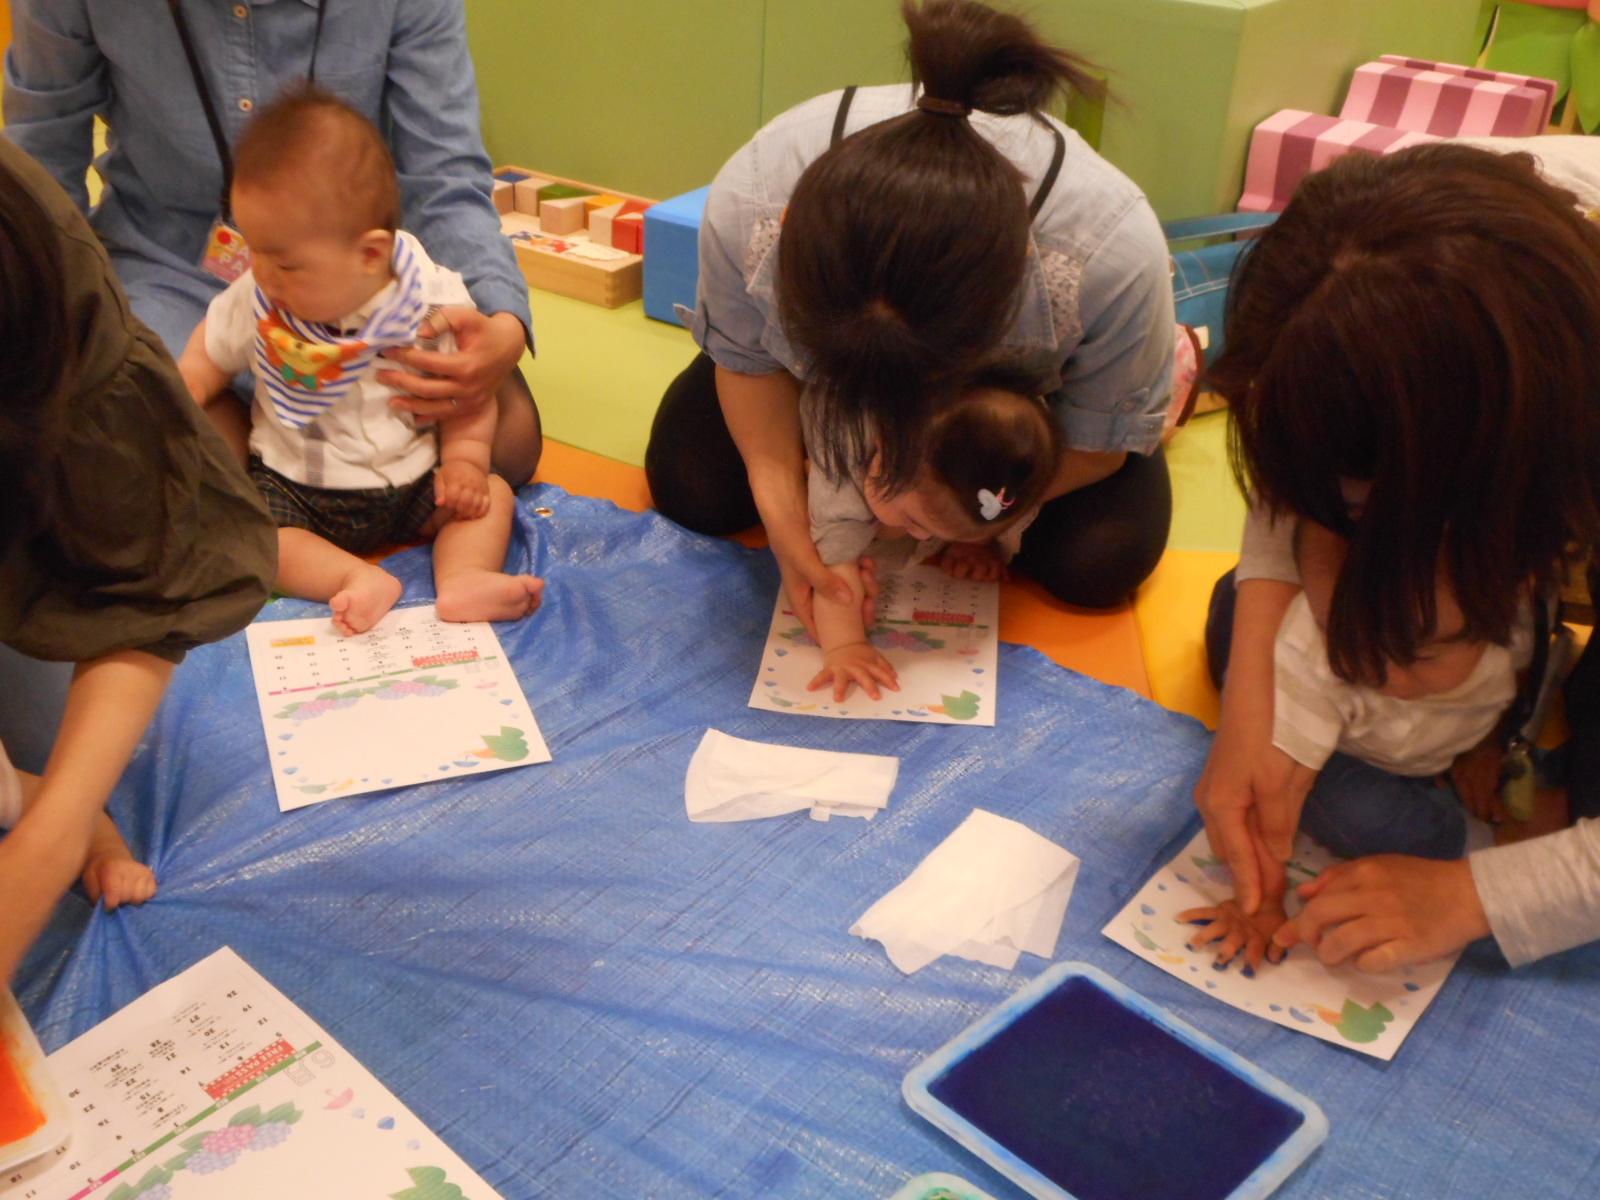 5月 赤ちゃんの日のイベント報告 part2